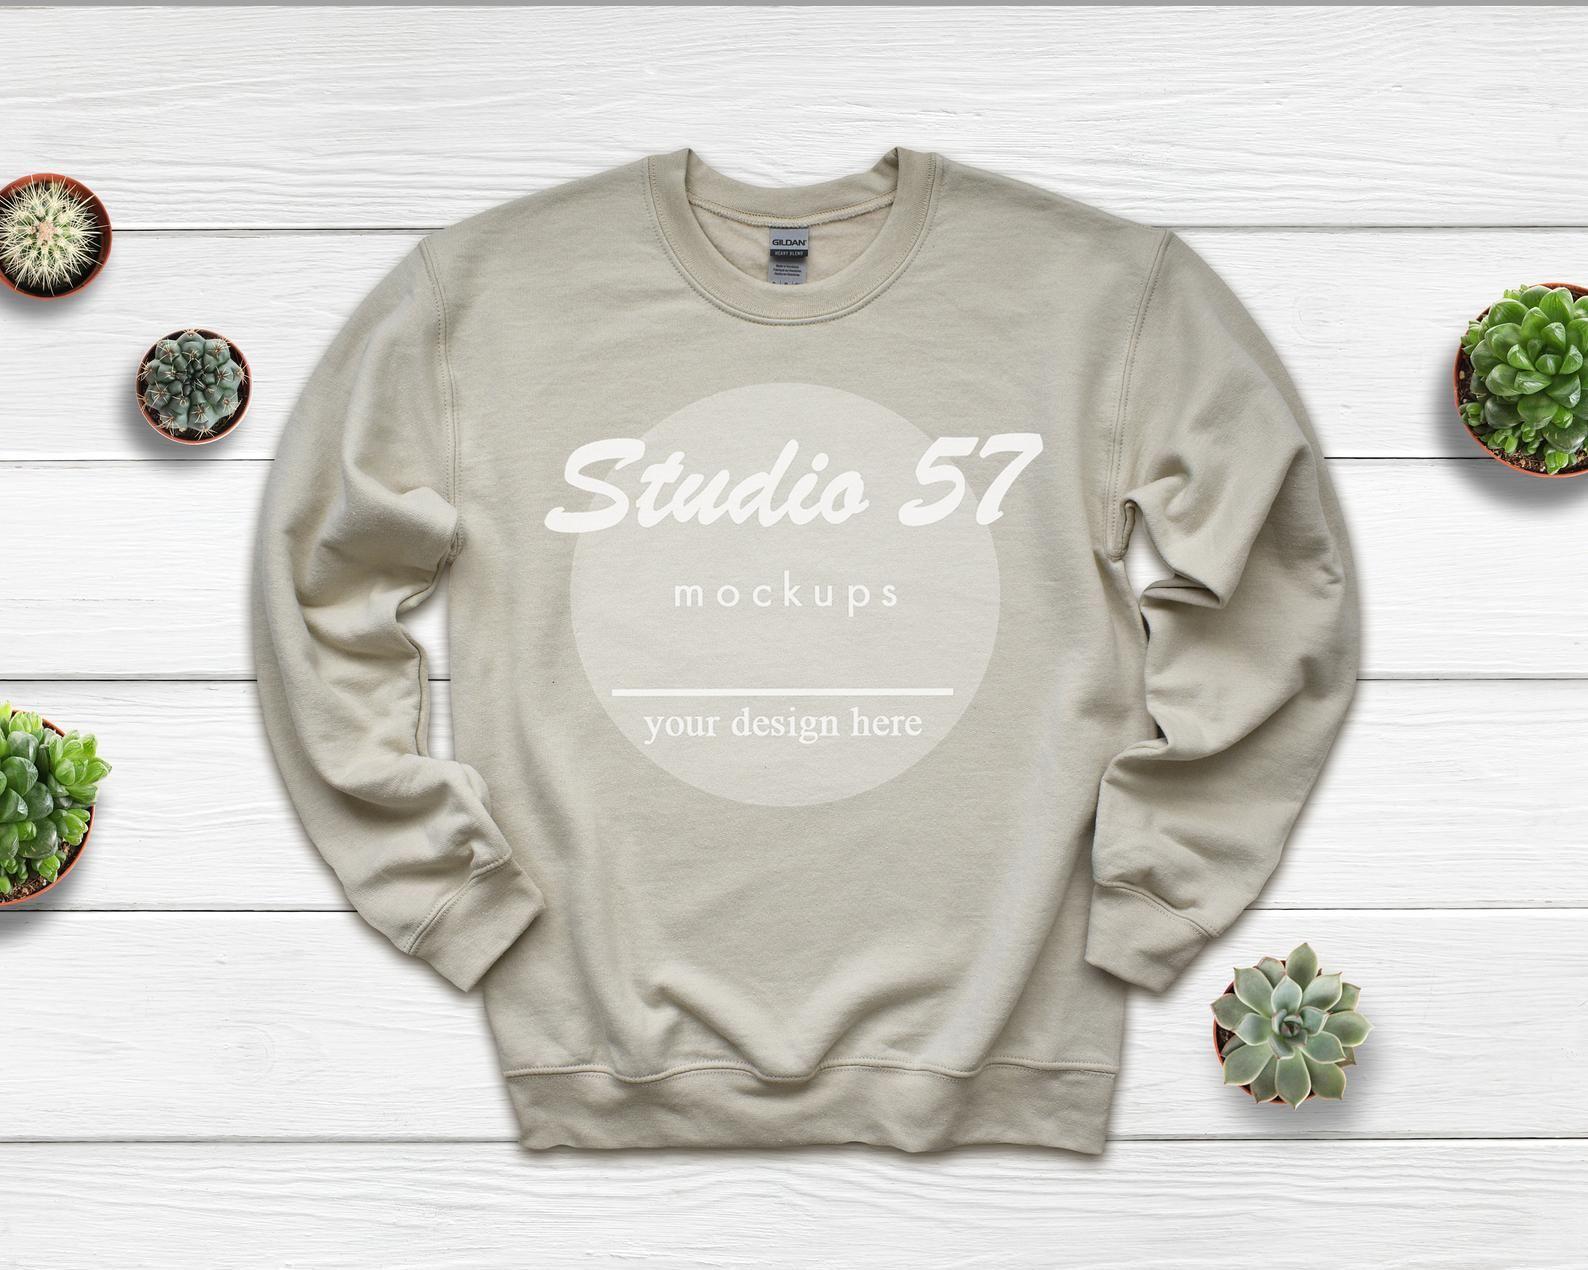 18000 Sweatshirt Mockup 18000 Gildan Sand Sweatshirt Mock Up Crewneck Sweatshirt Flat Lay Sweatshirt Mockups Sweatshirt Mockup Fall Sweatshirts Blank Sweatshirts Gildan [ 1270 x 1588 Pixel ]